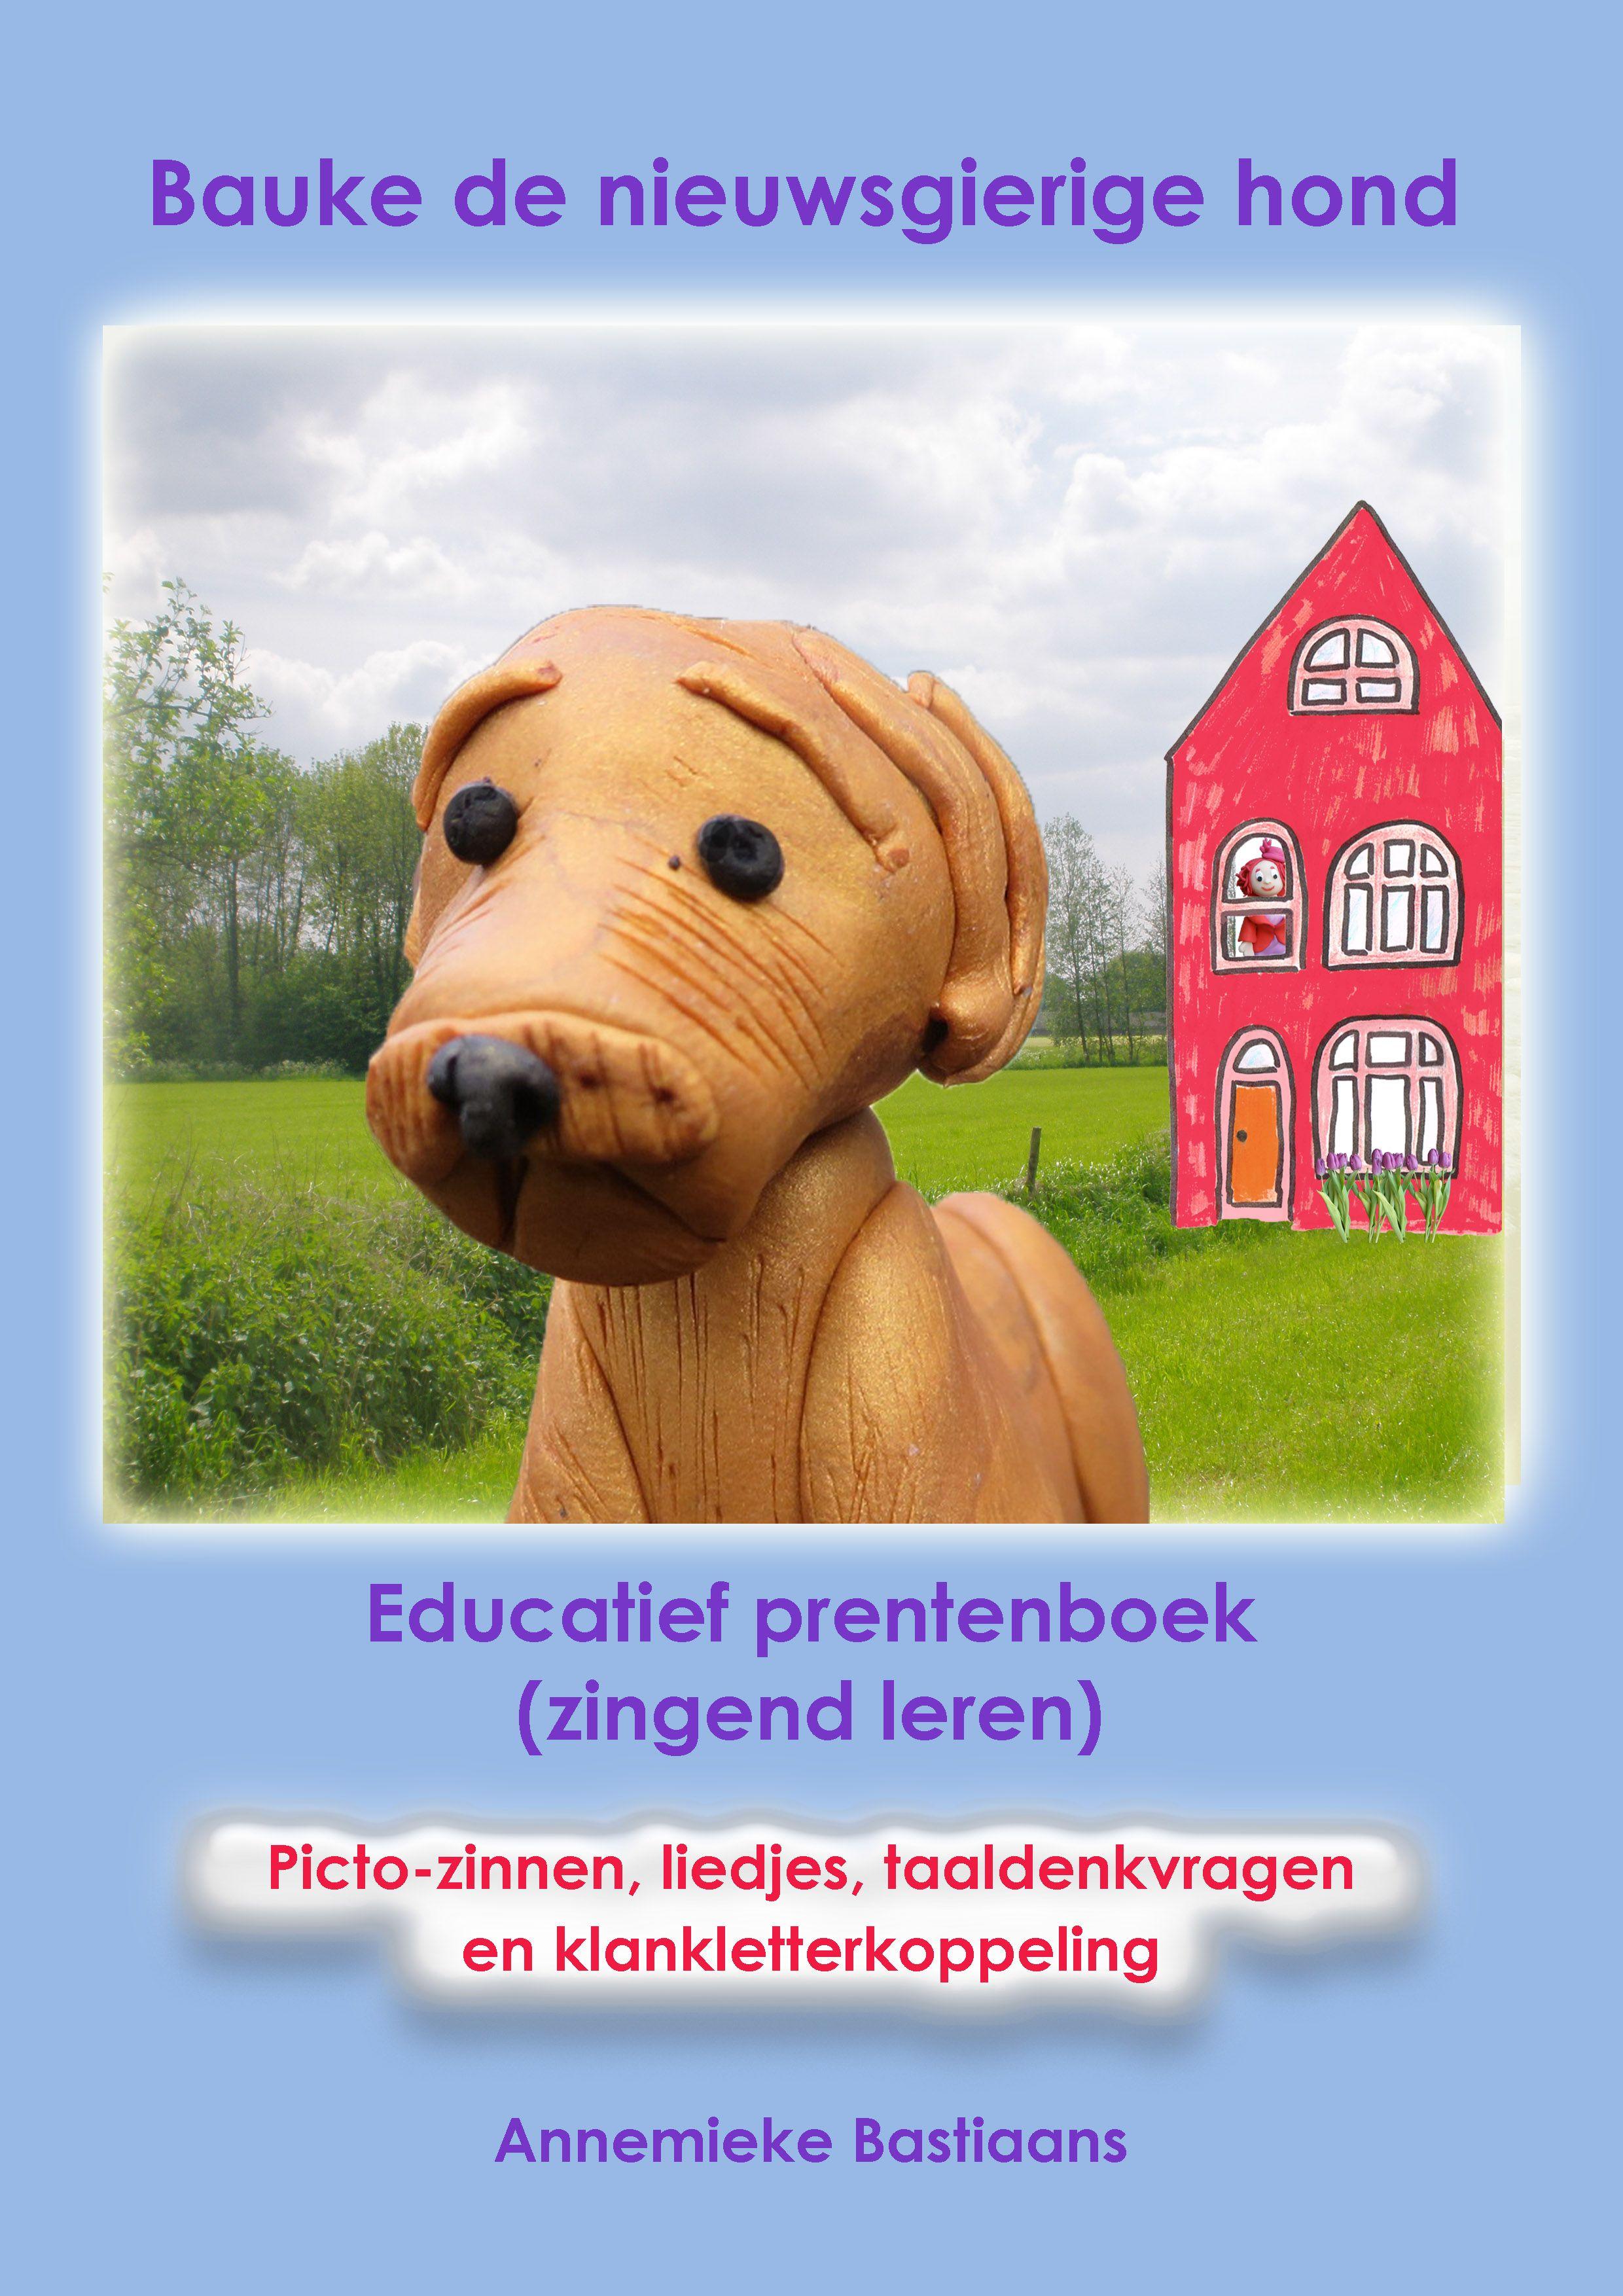 Educatief prentenboek